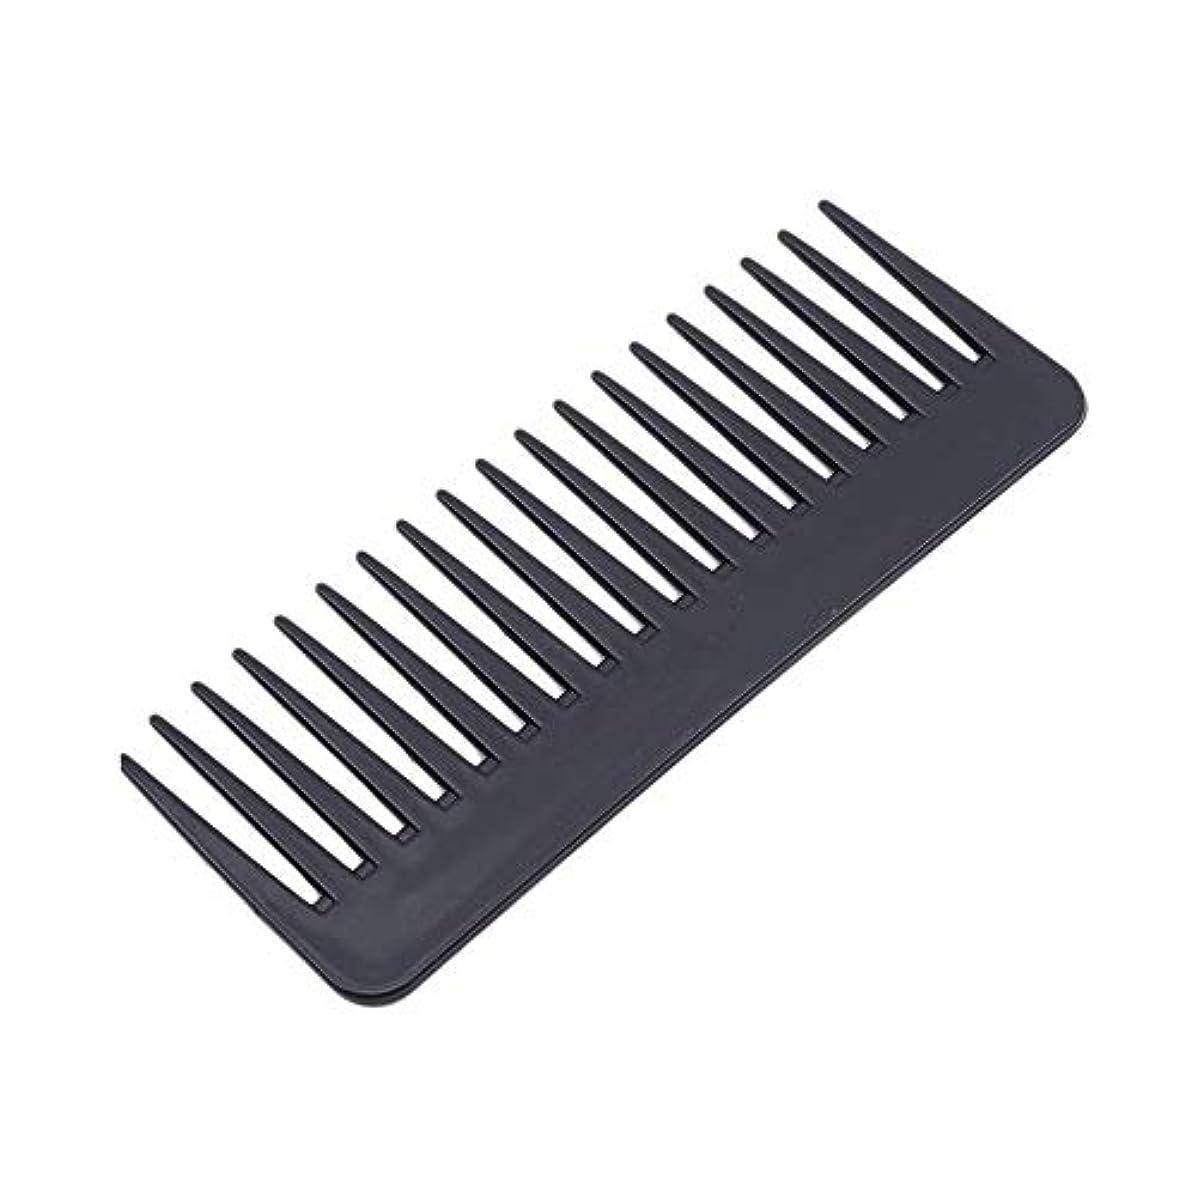 侵入拒否ピンク1st market 広い歯の櫛の腹筋理髪ツールの ための耐熱性プラスチック大きな歯の櫛